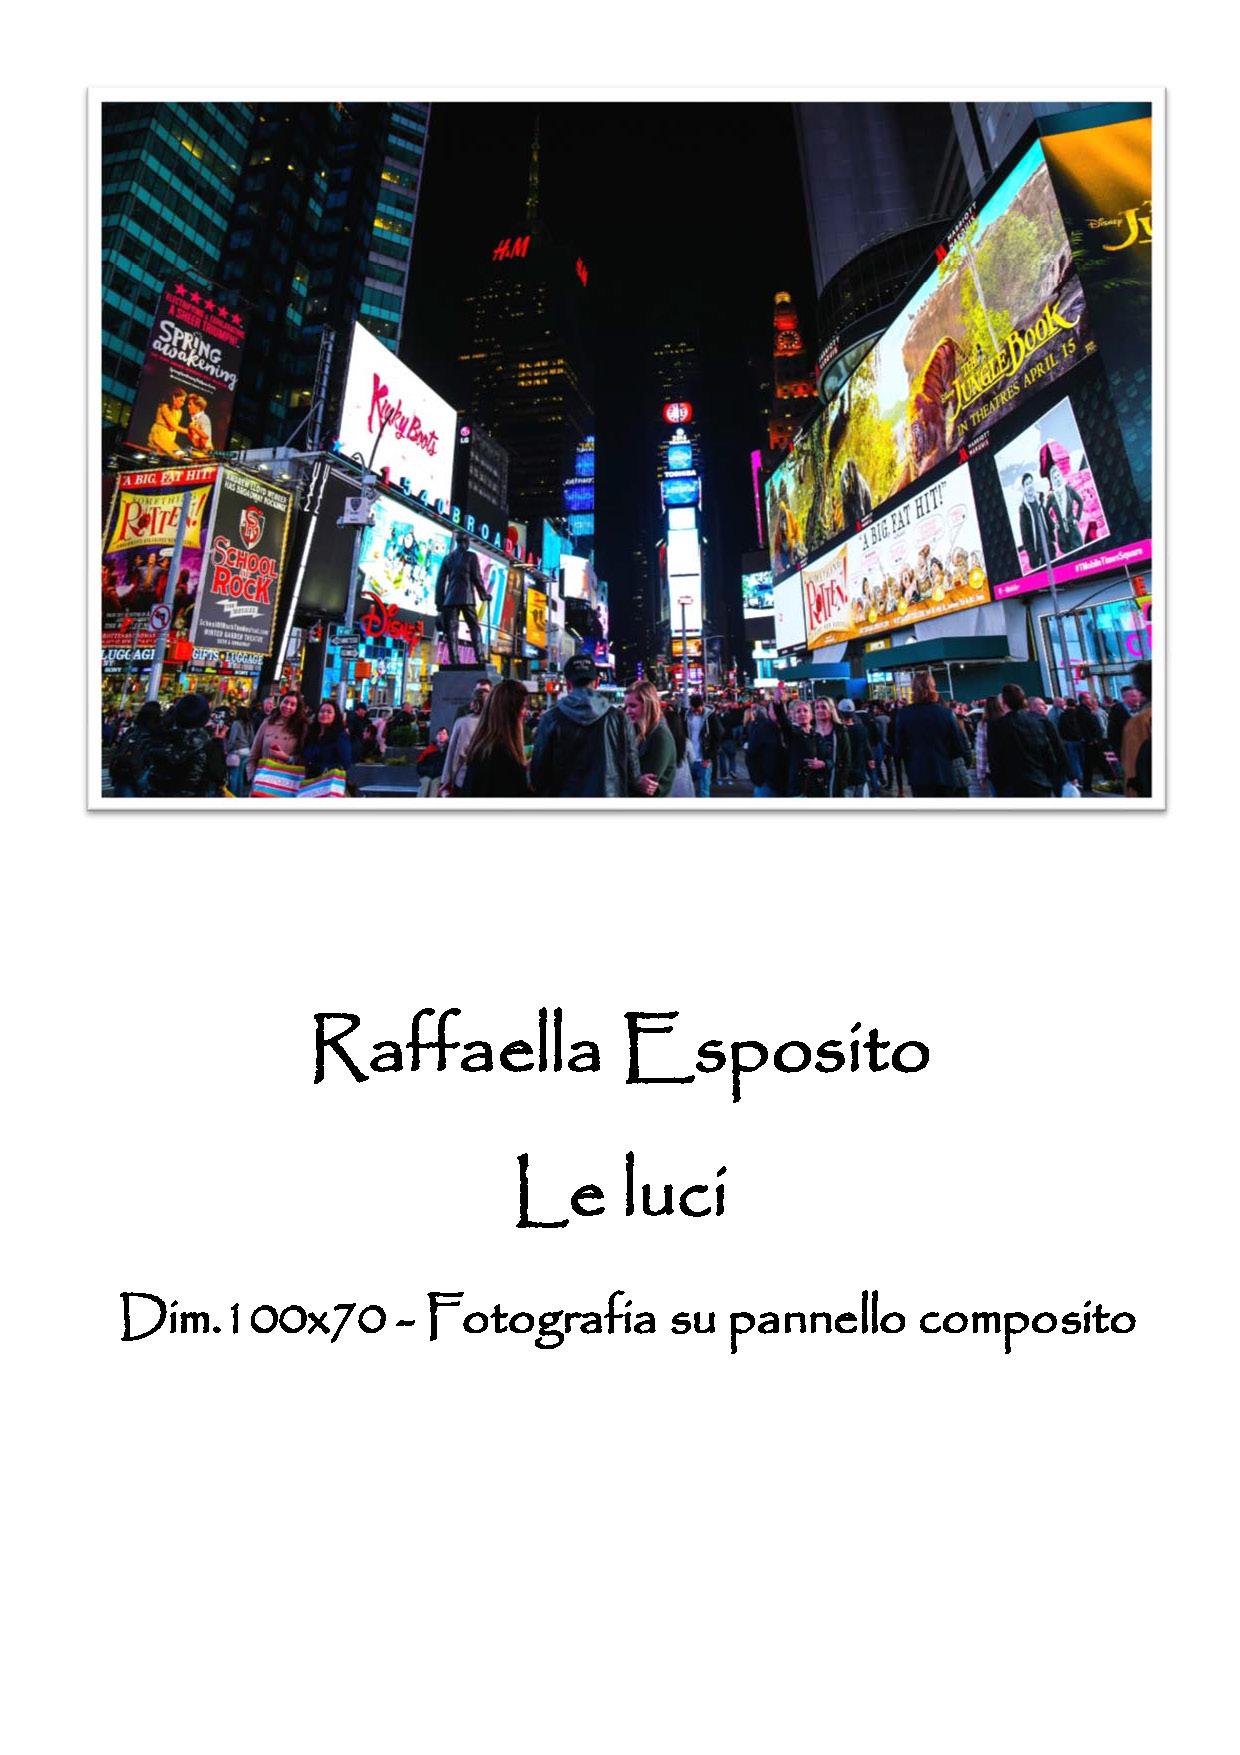 http://www.proartpiagge.it/wp-content/uploads/2020/04/Esposito.jpg